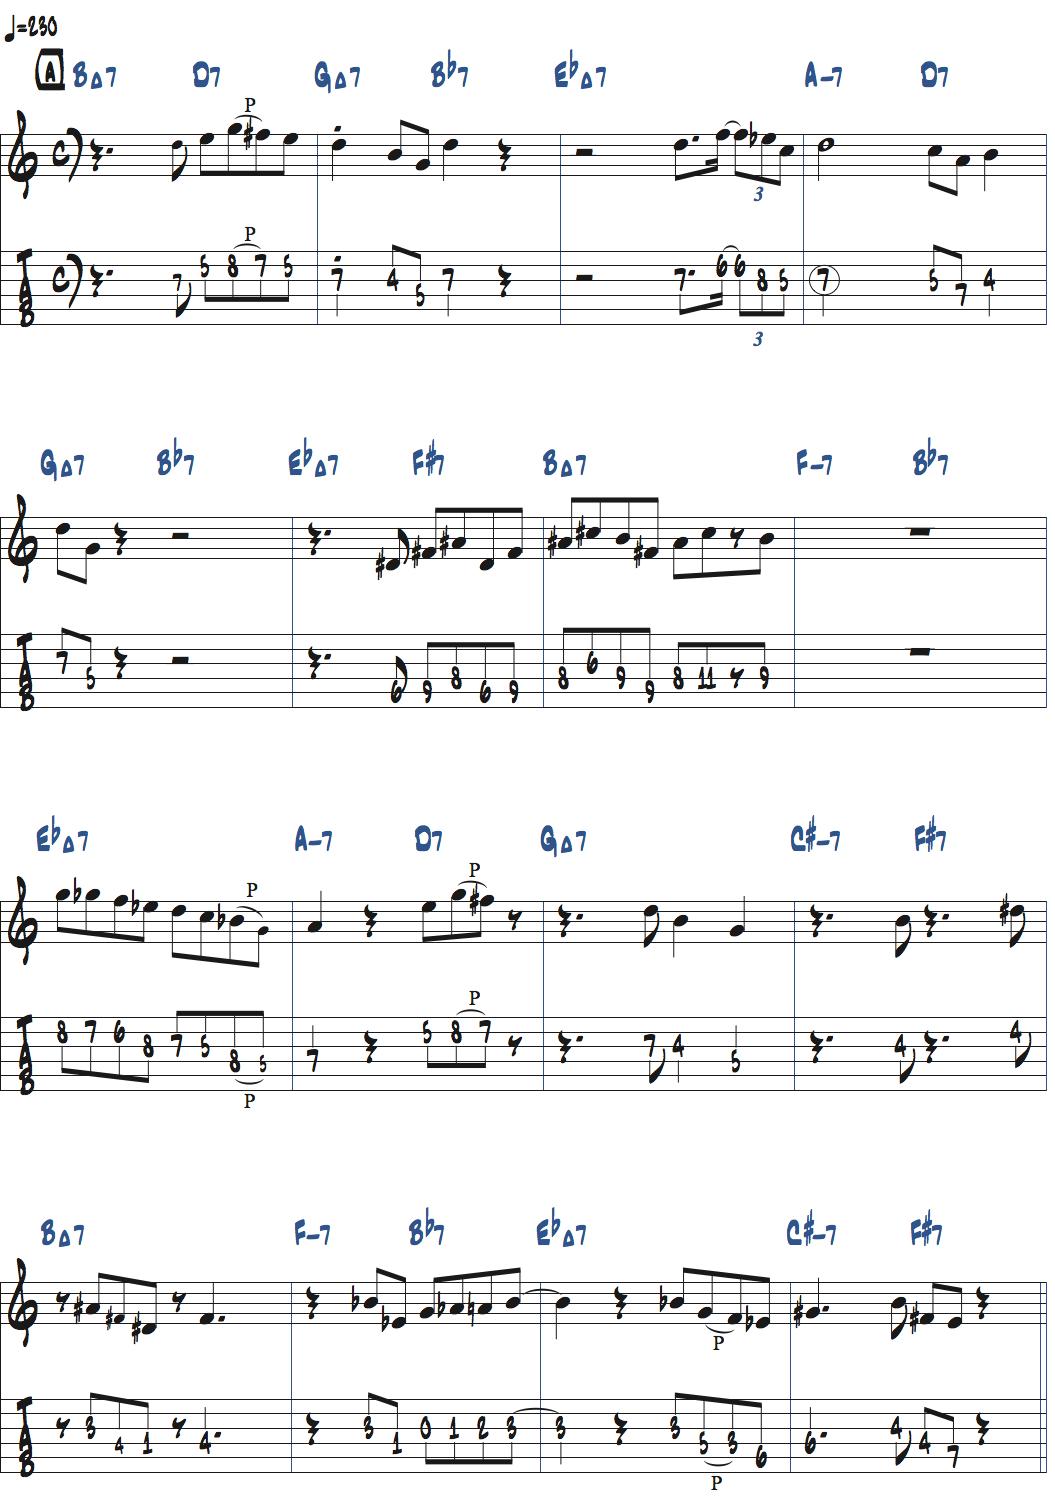 カート・ローゼンウィンケル「Giant Steps」アドリブ・1コーラス目楽譜